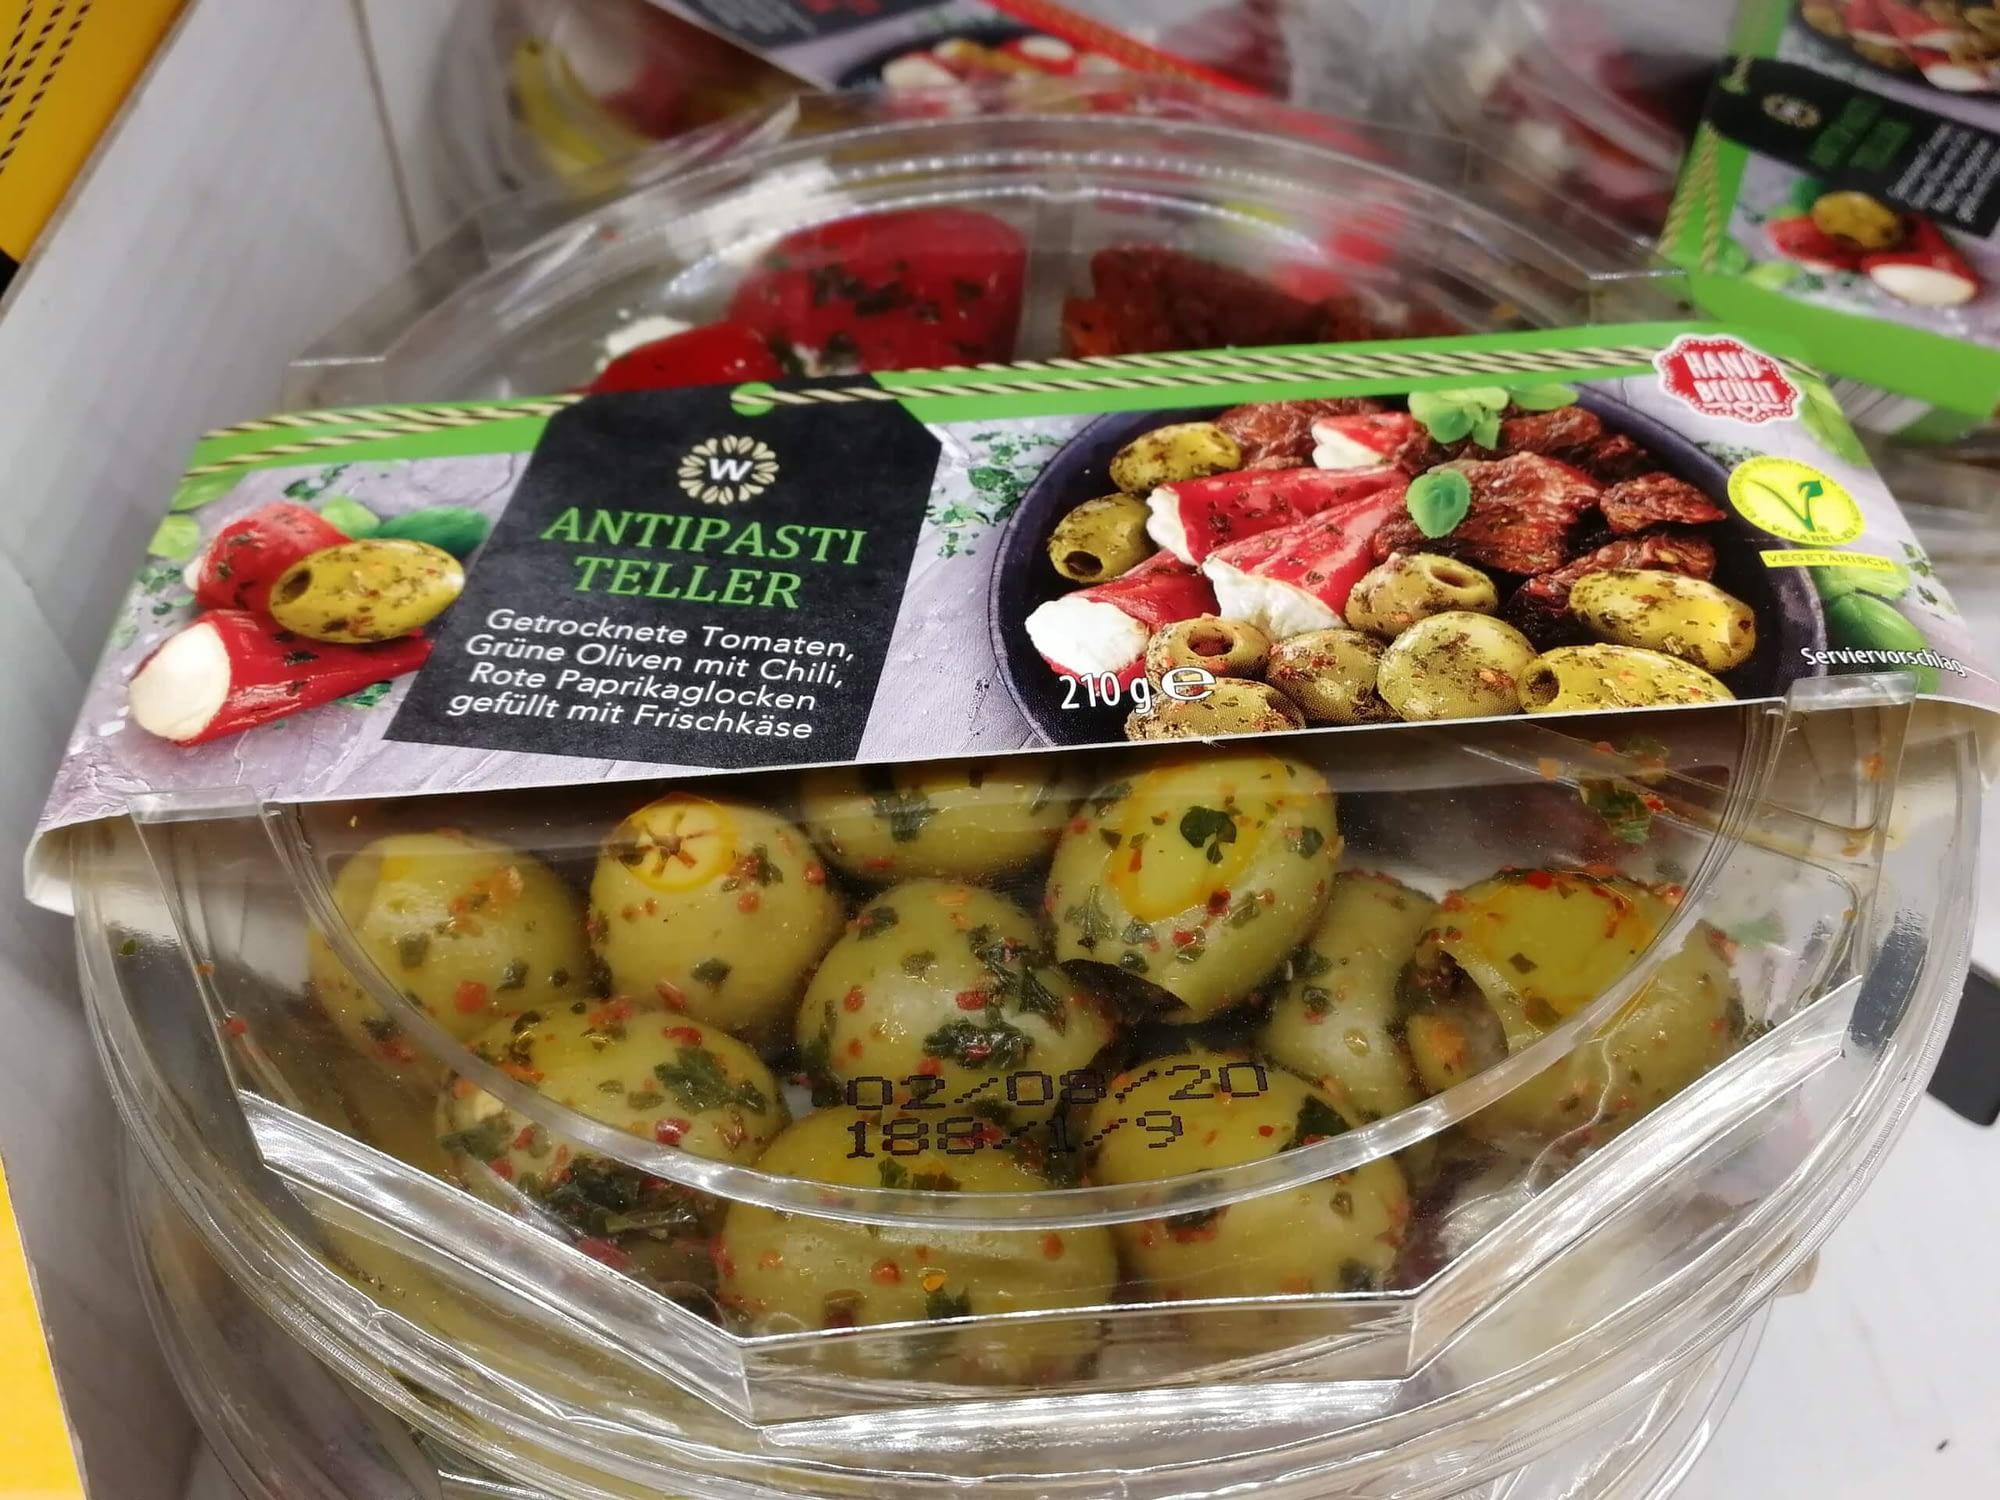 Keto-Snack-Aldi-Antipasti-Teller